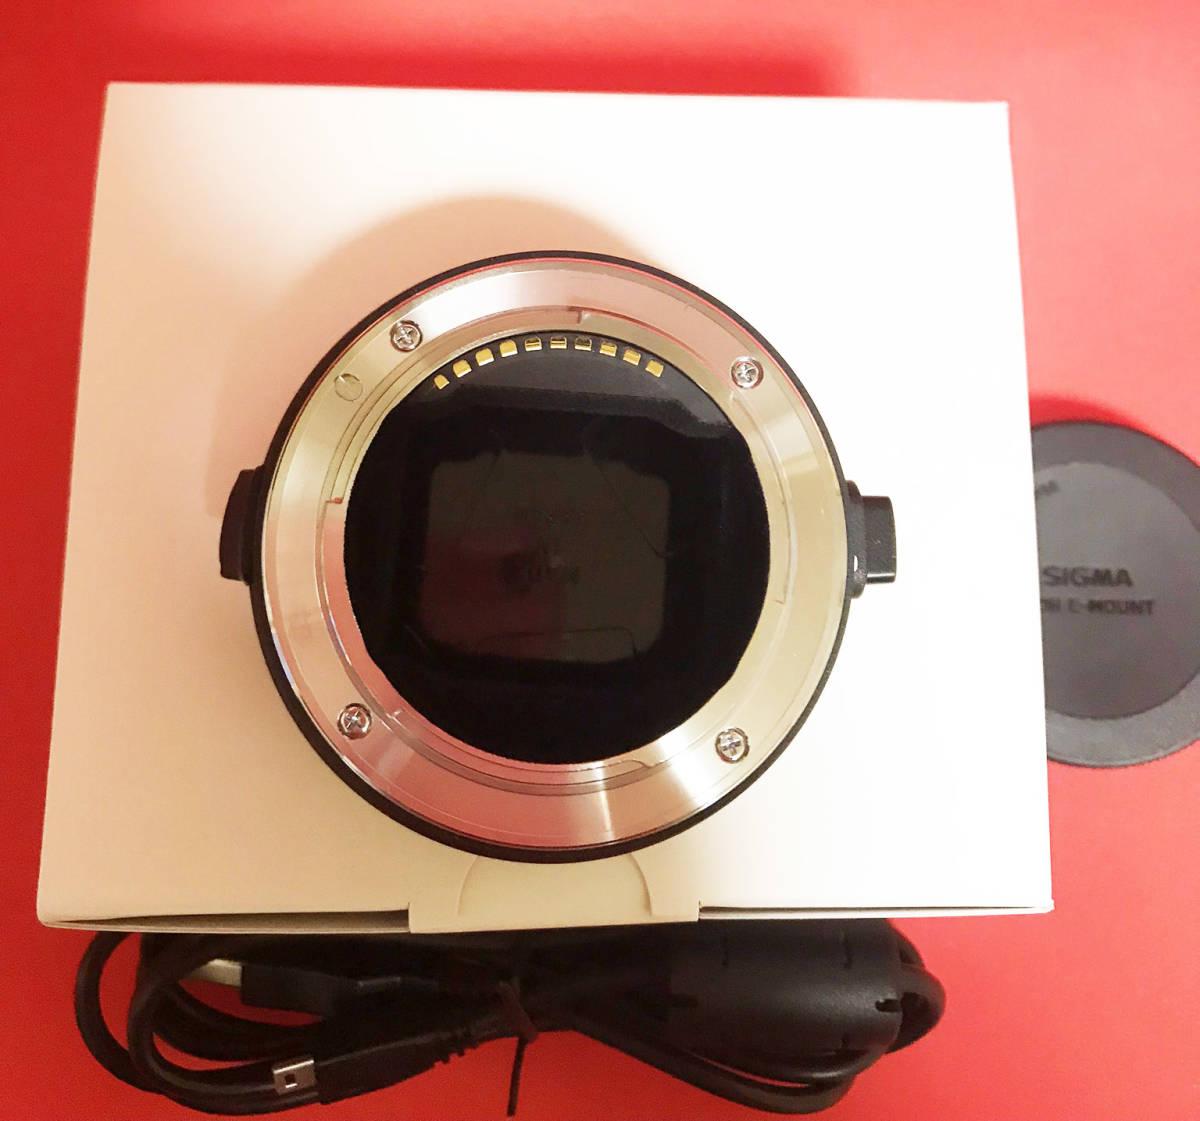 【超美品】MOUNT CONVERTER MC-11 CANON EF-E ソニー用 ソニーEマウントボディ用コンバーター_画像3